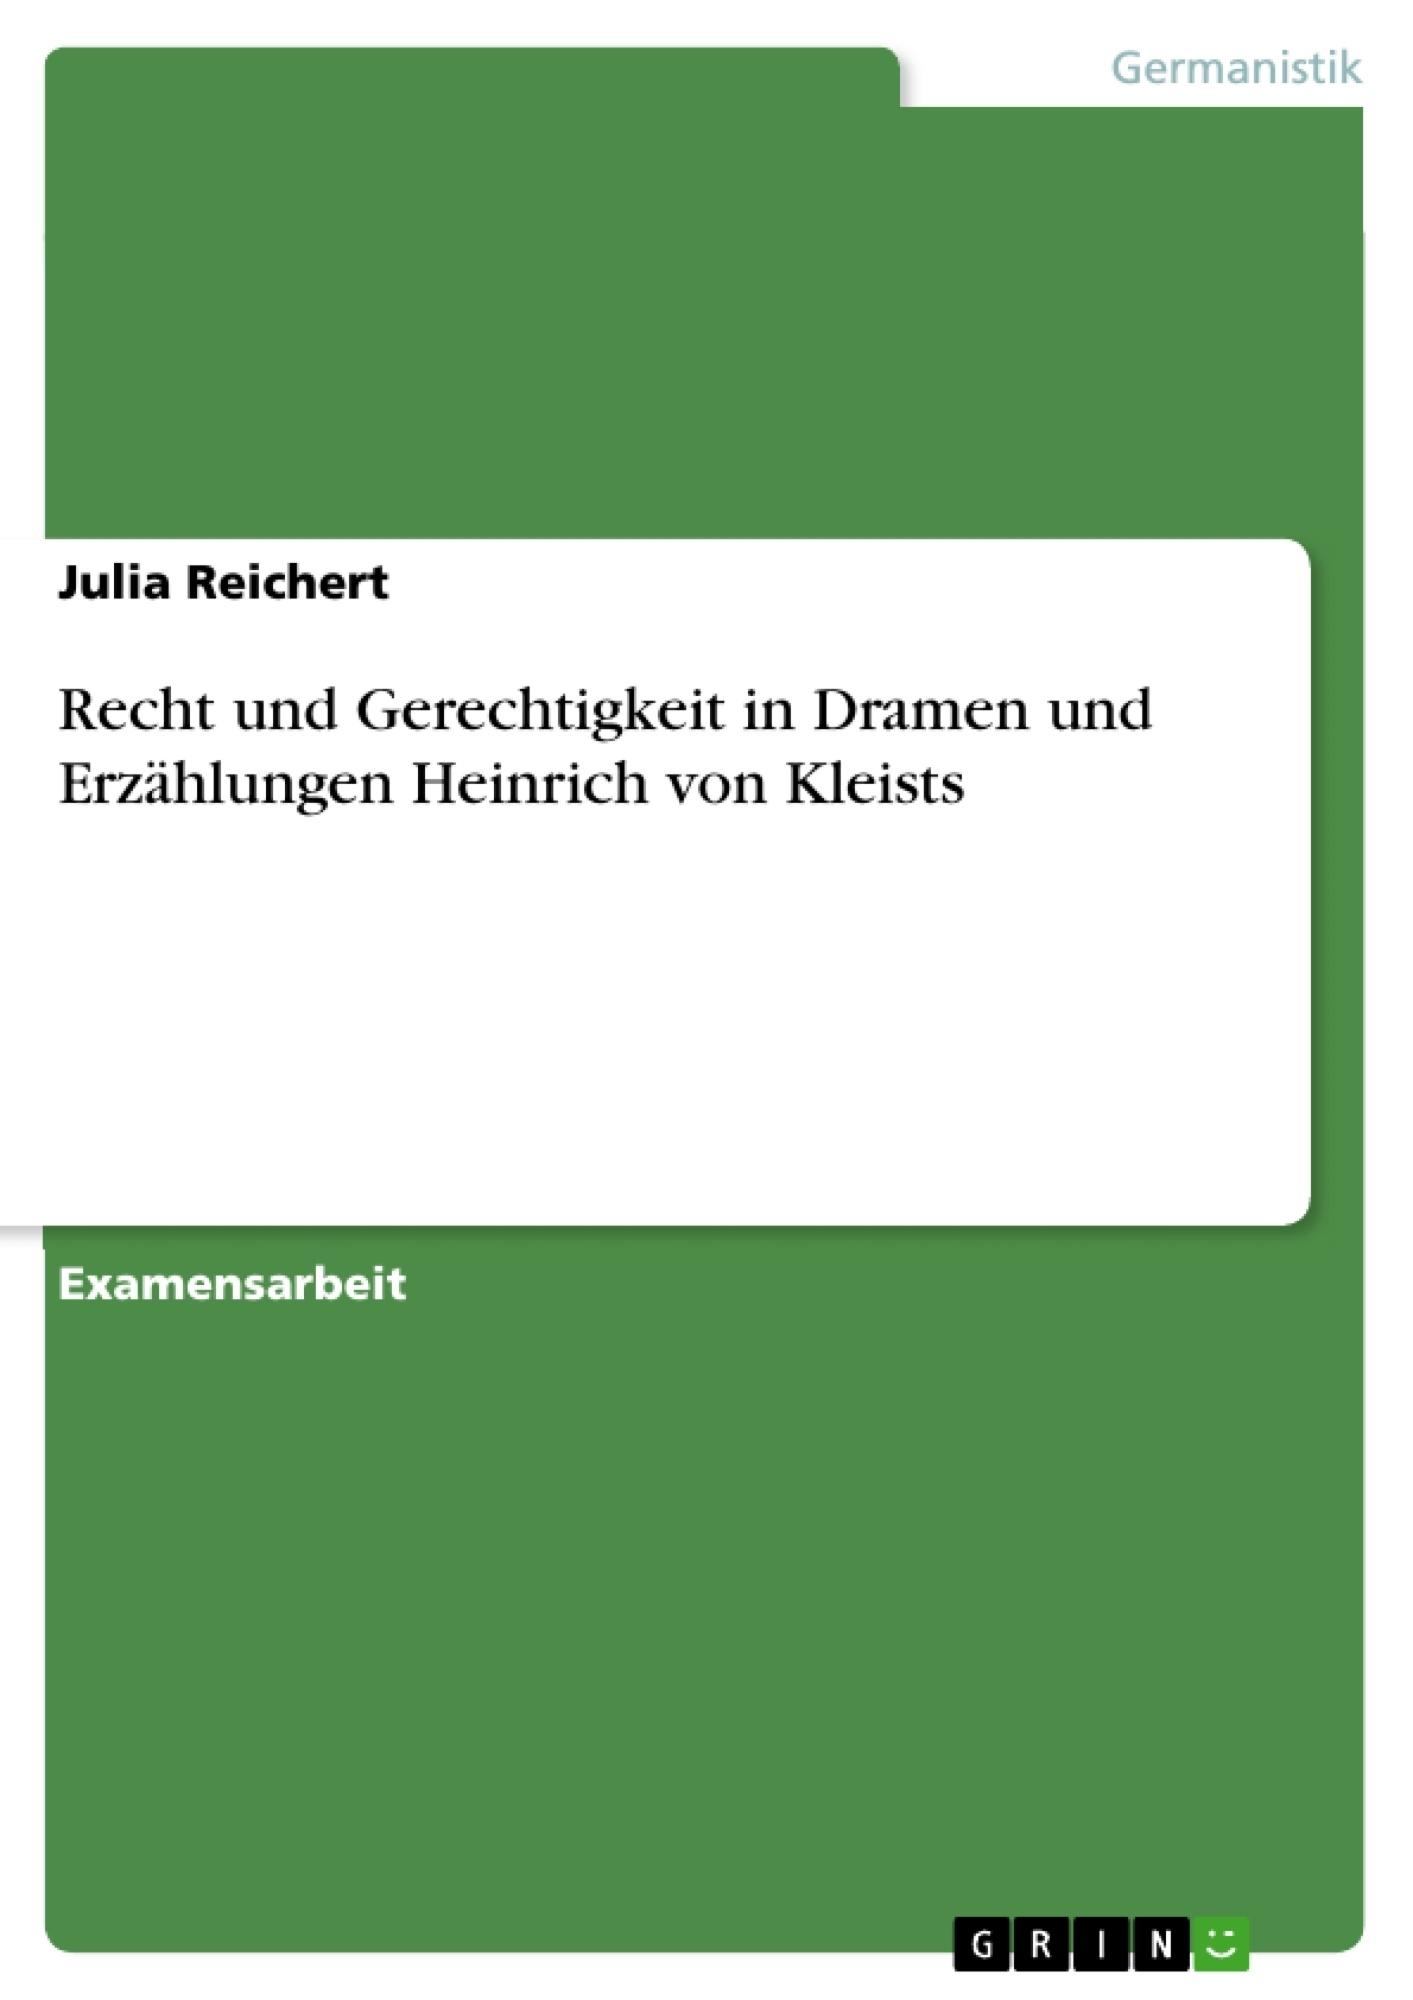 Titel: Recht und Gerechtigkeit in Dramen und Erzählungen Heinrich von Kleists